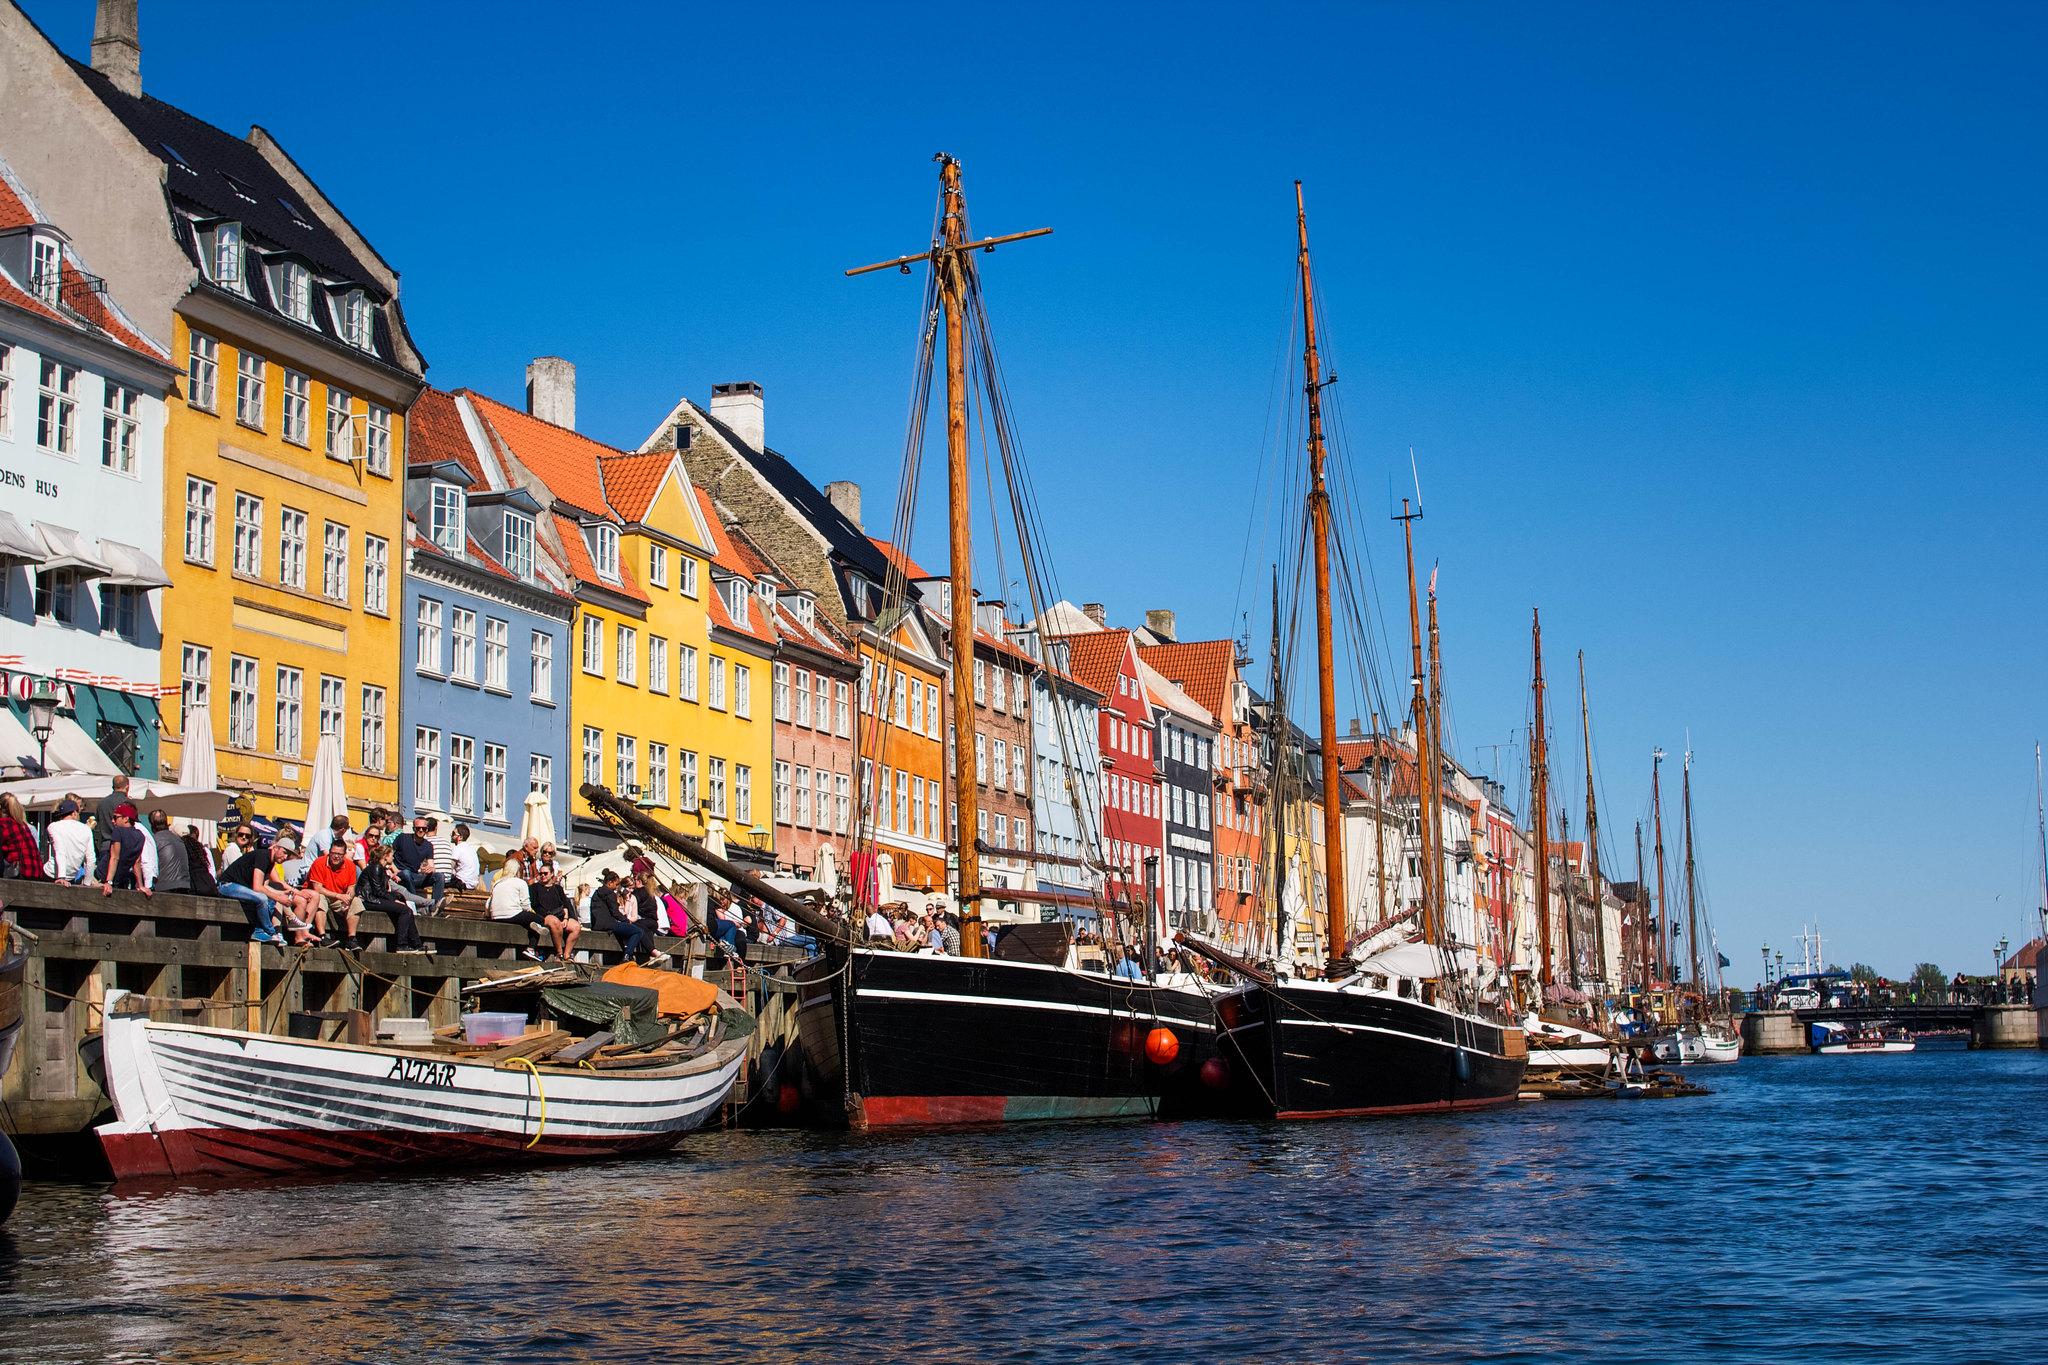 Nyhavn Canal Tour | Copenhagen on a Budget